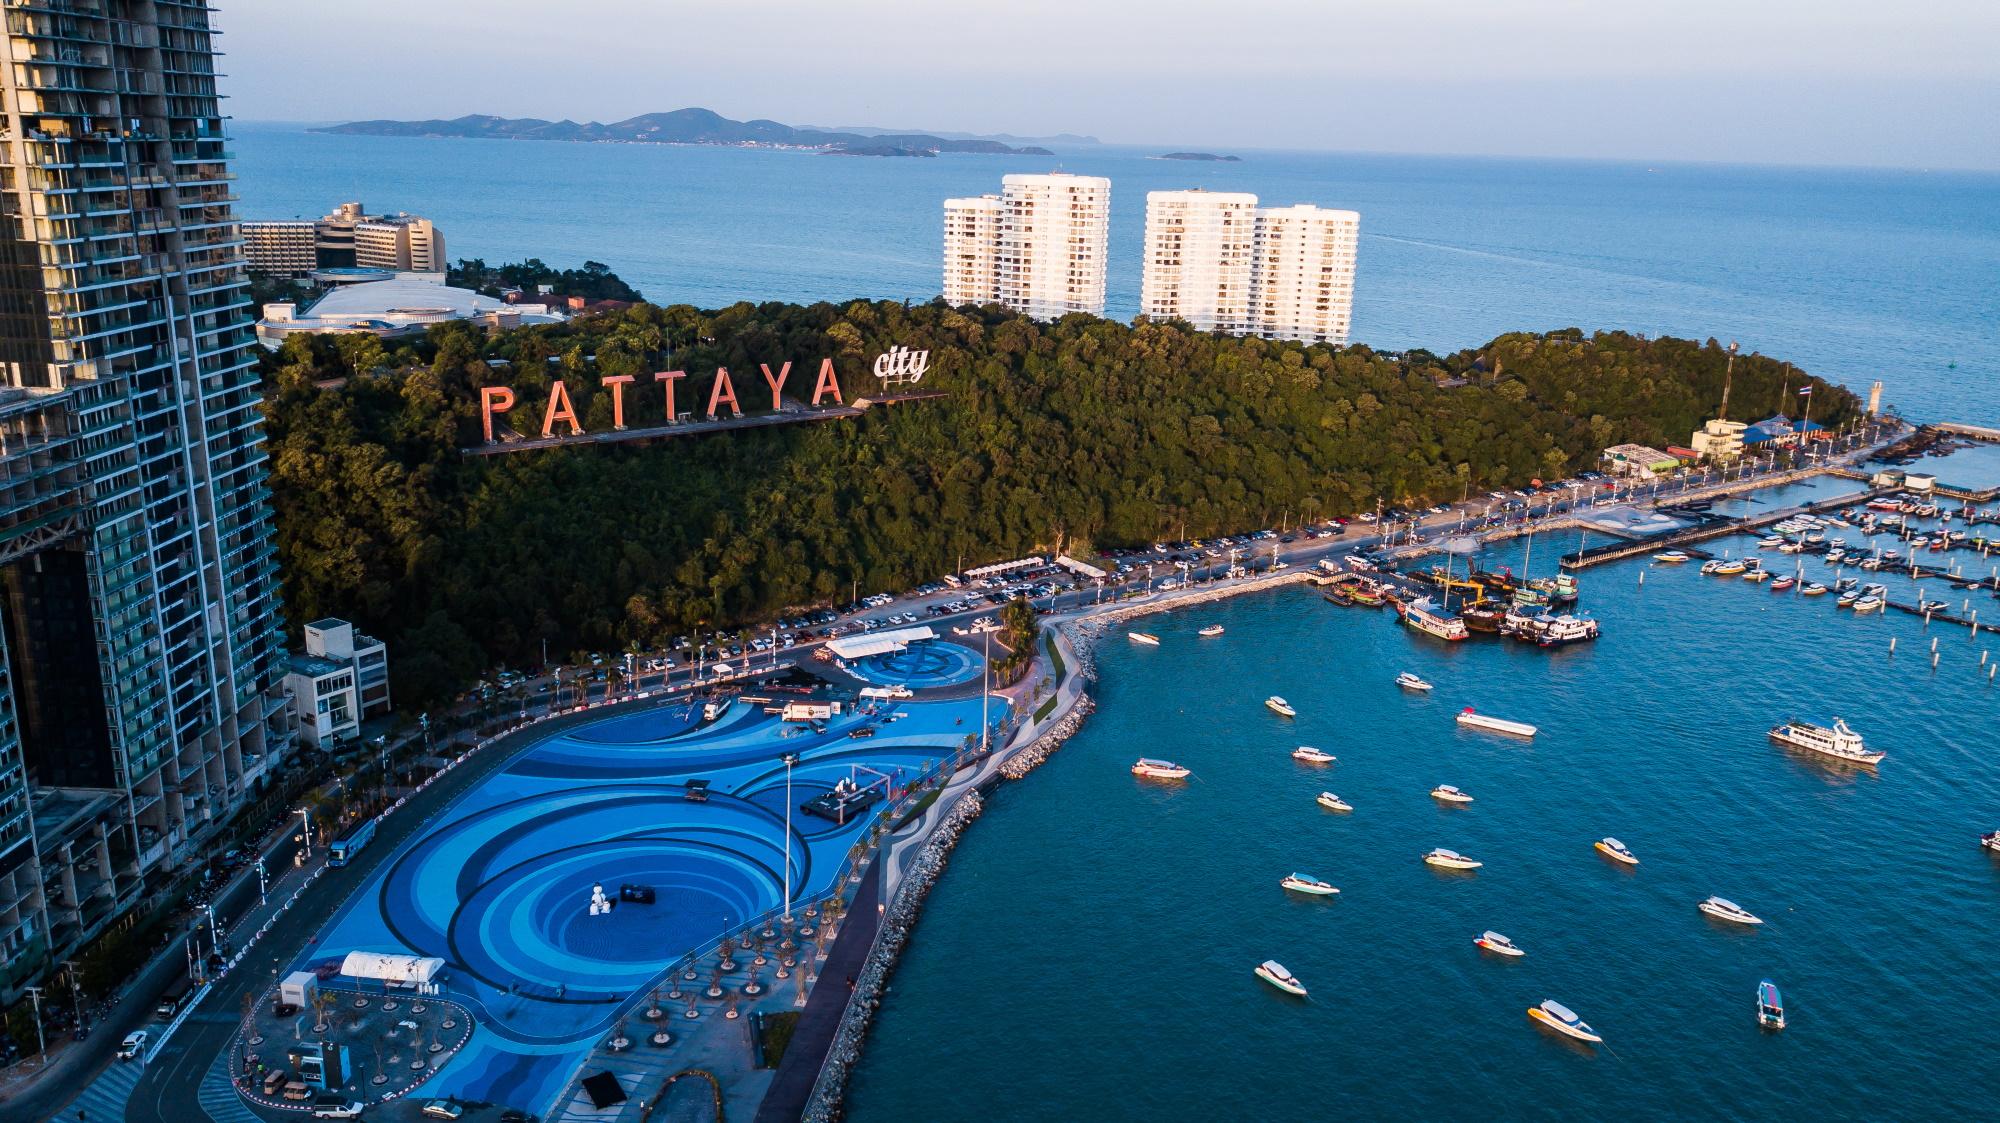 Tajlandzkiej branży turystycznej grozi kryzys w związku ze znacznym spadkiem liczby gości z Chin. Fot. Shutterstock